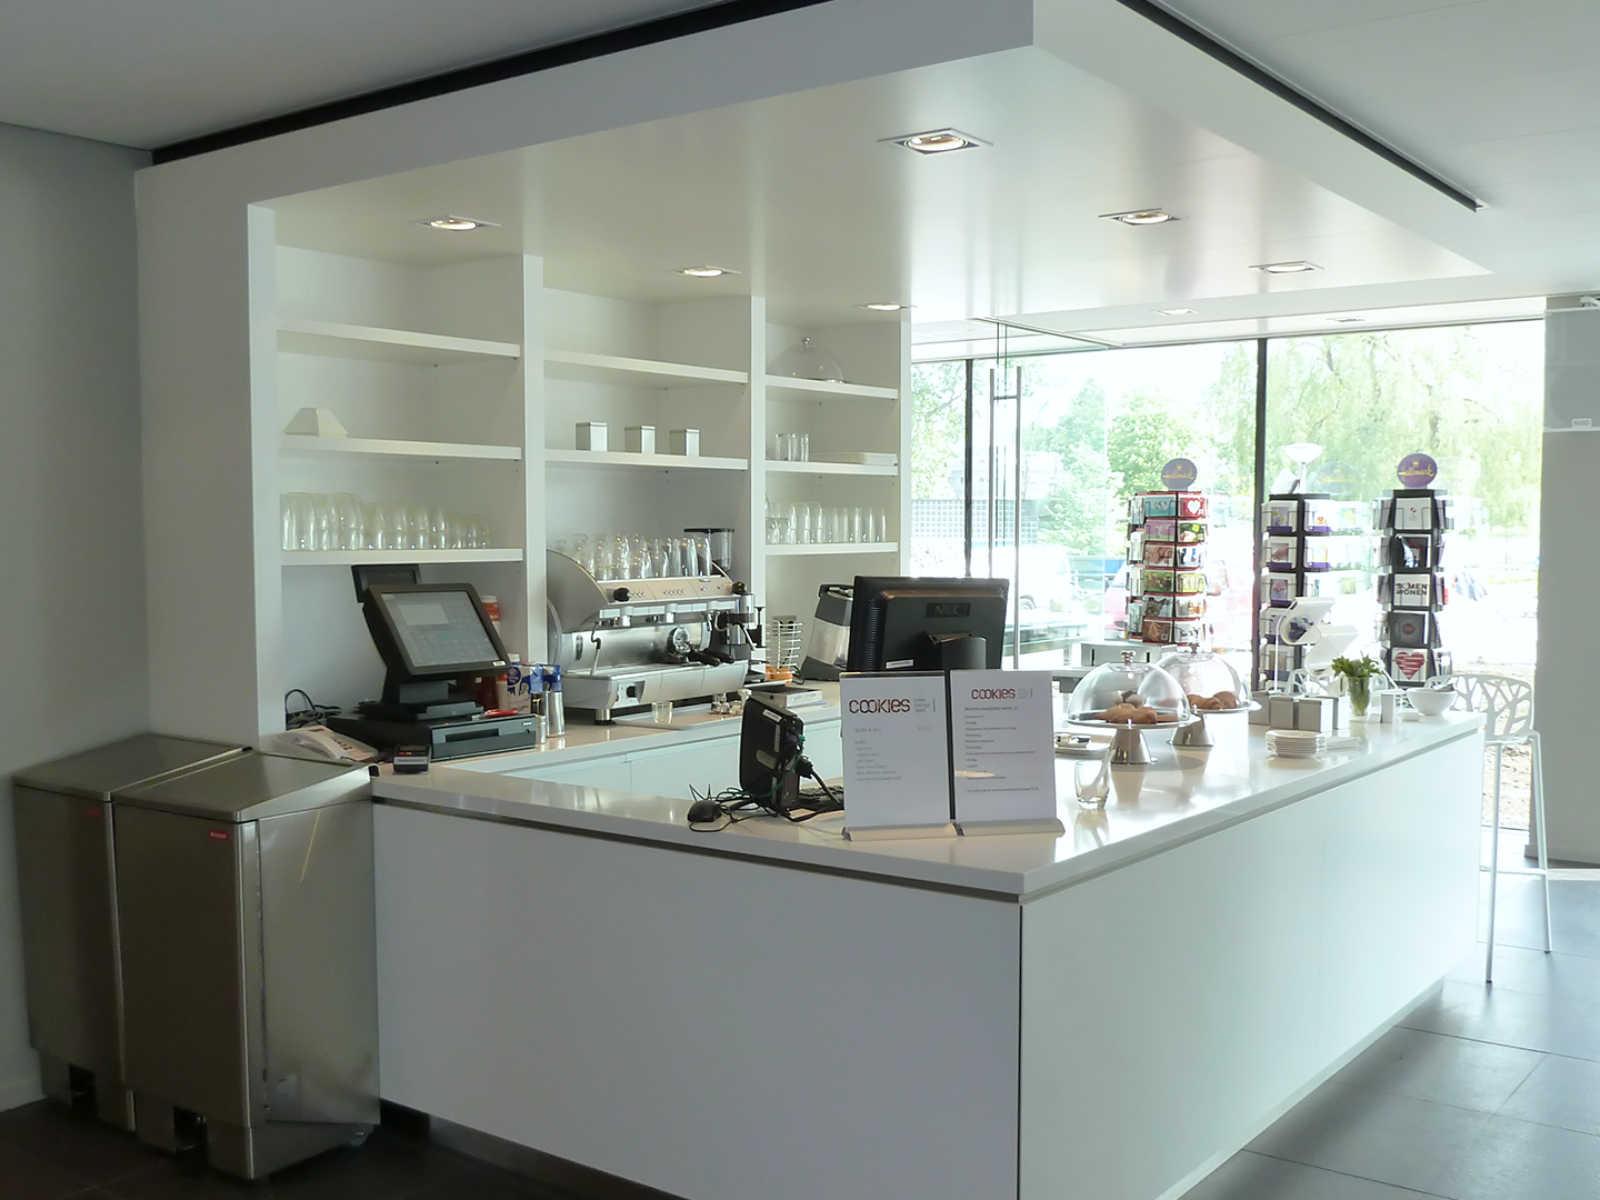 Horeca 10148 Wehkamp koffiebar kantine 1600-1200